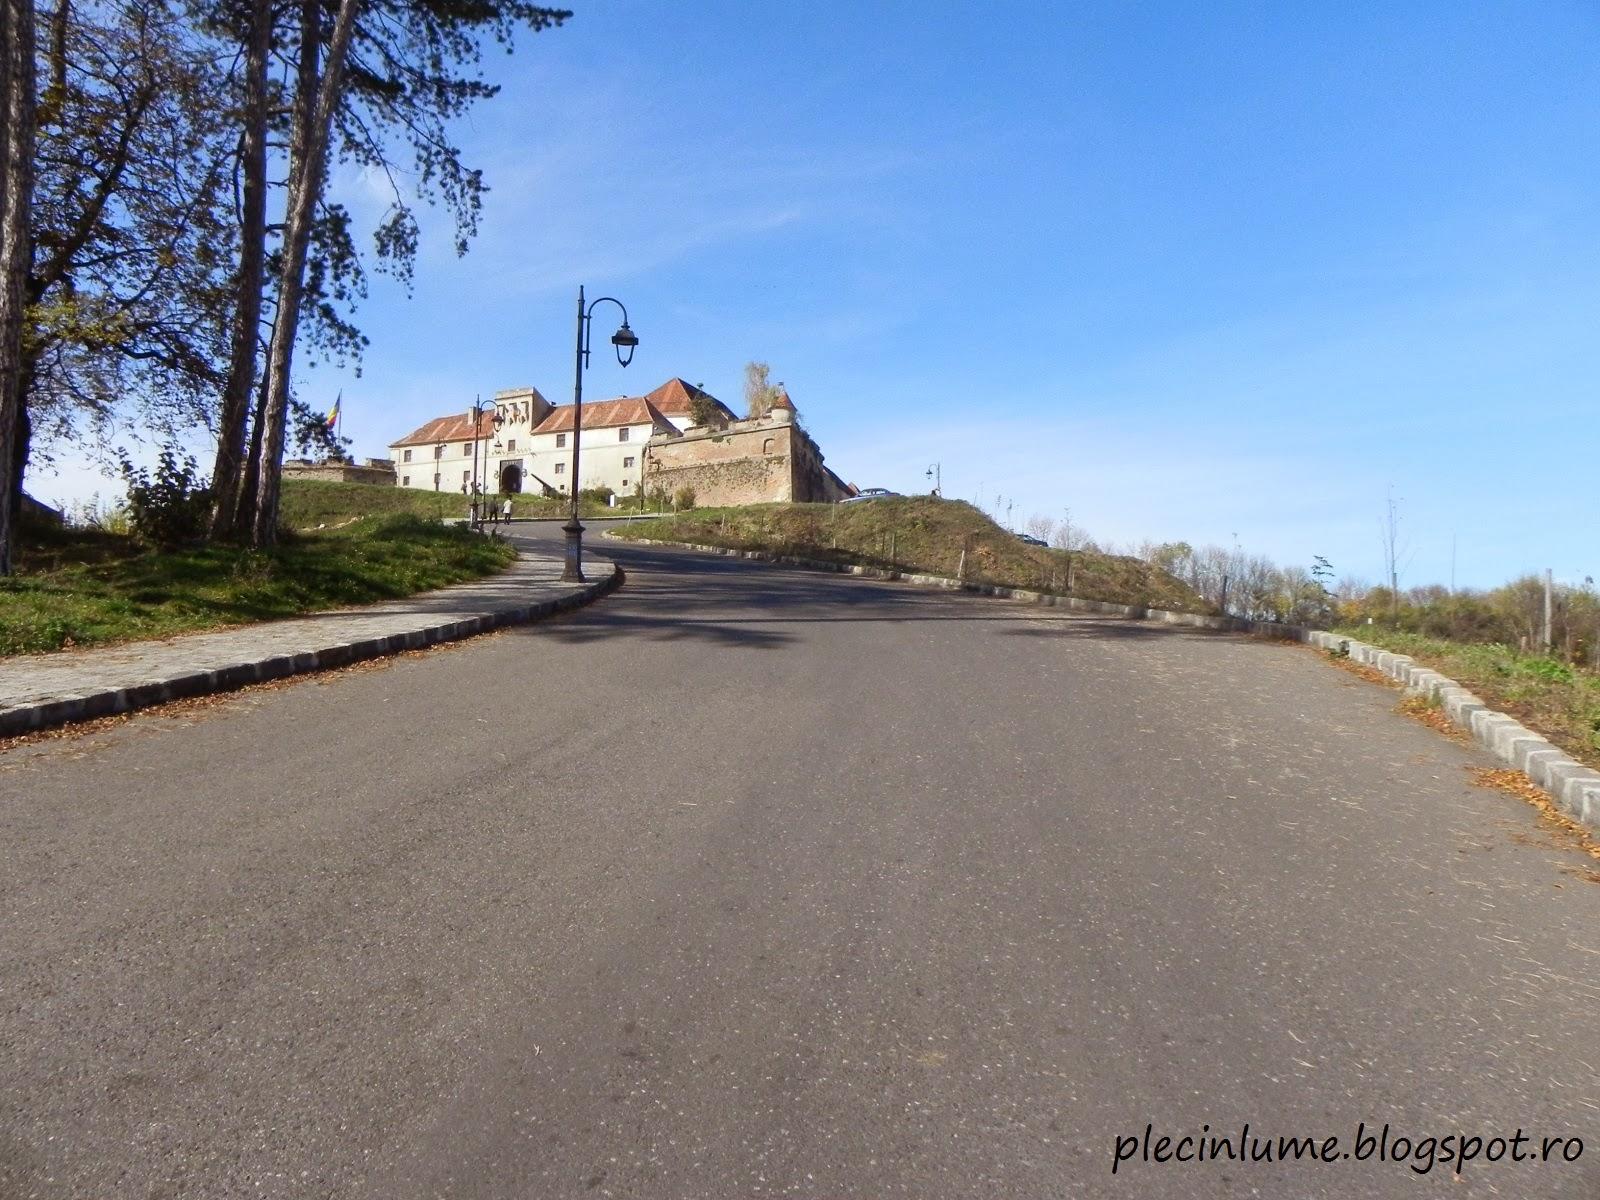 Drumul spre Cetatuie